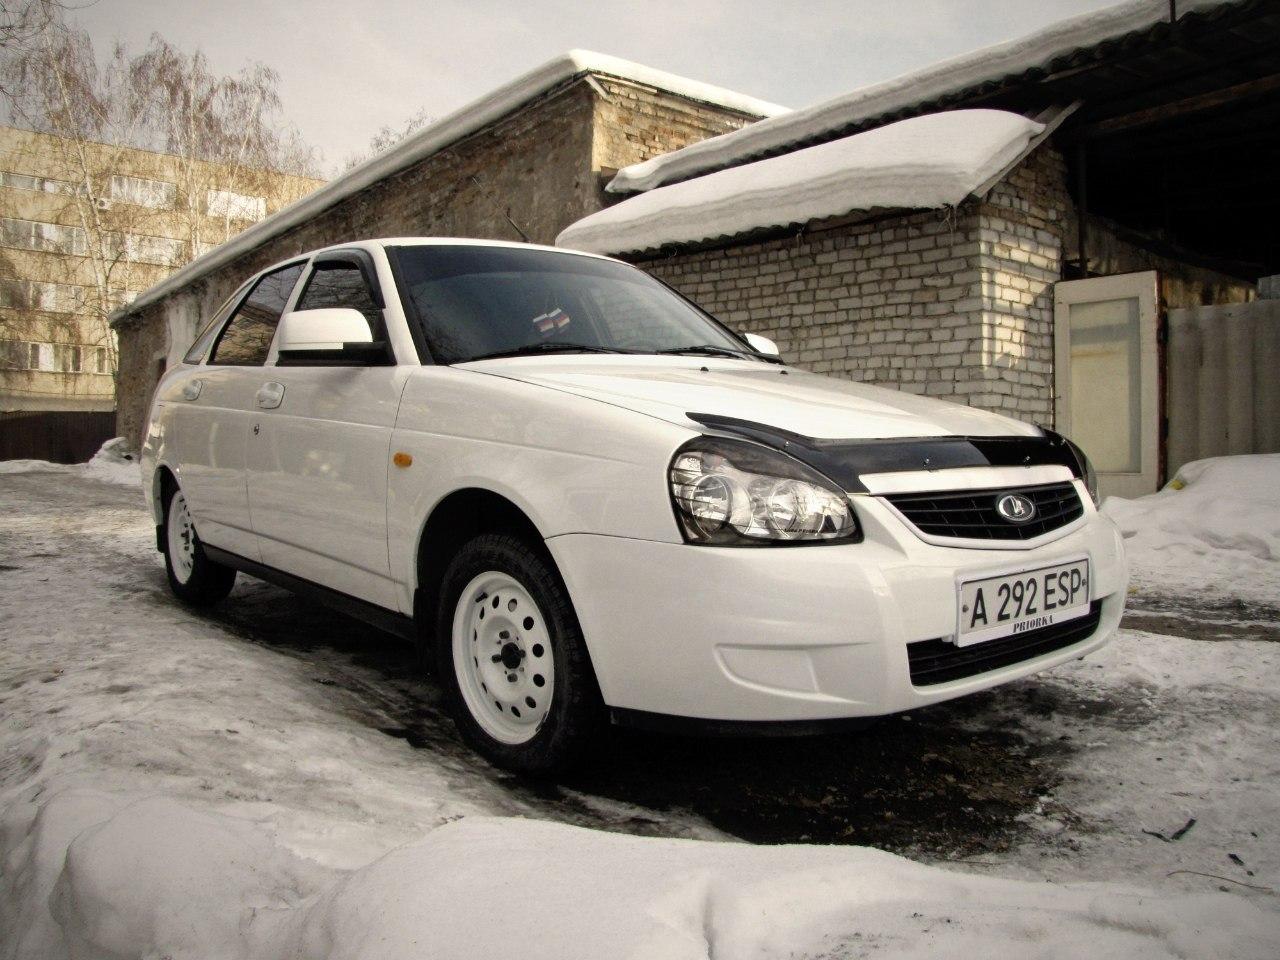 Priora lada auto ru фото